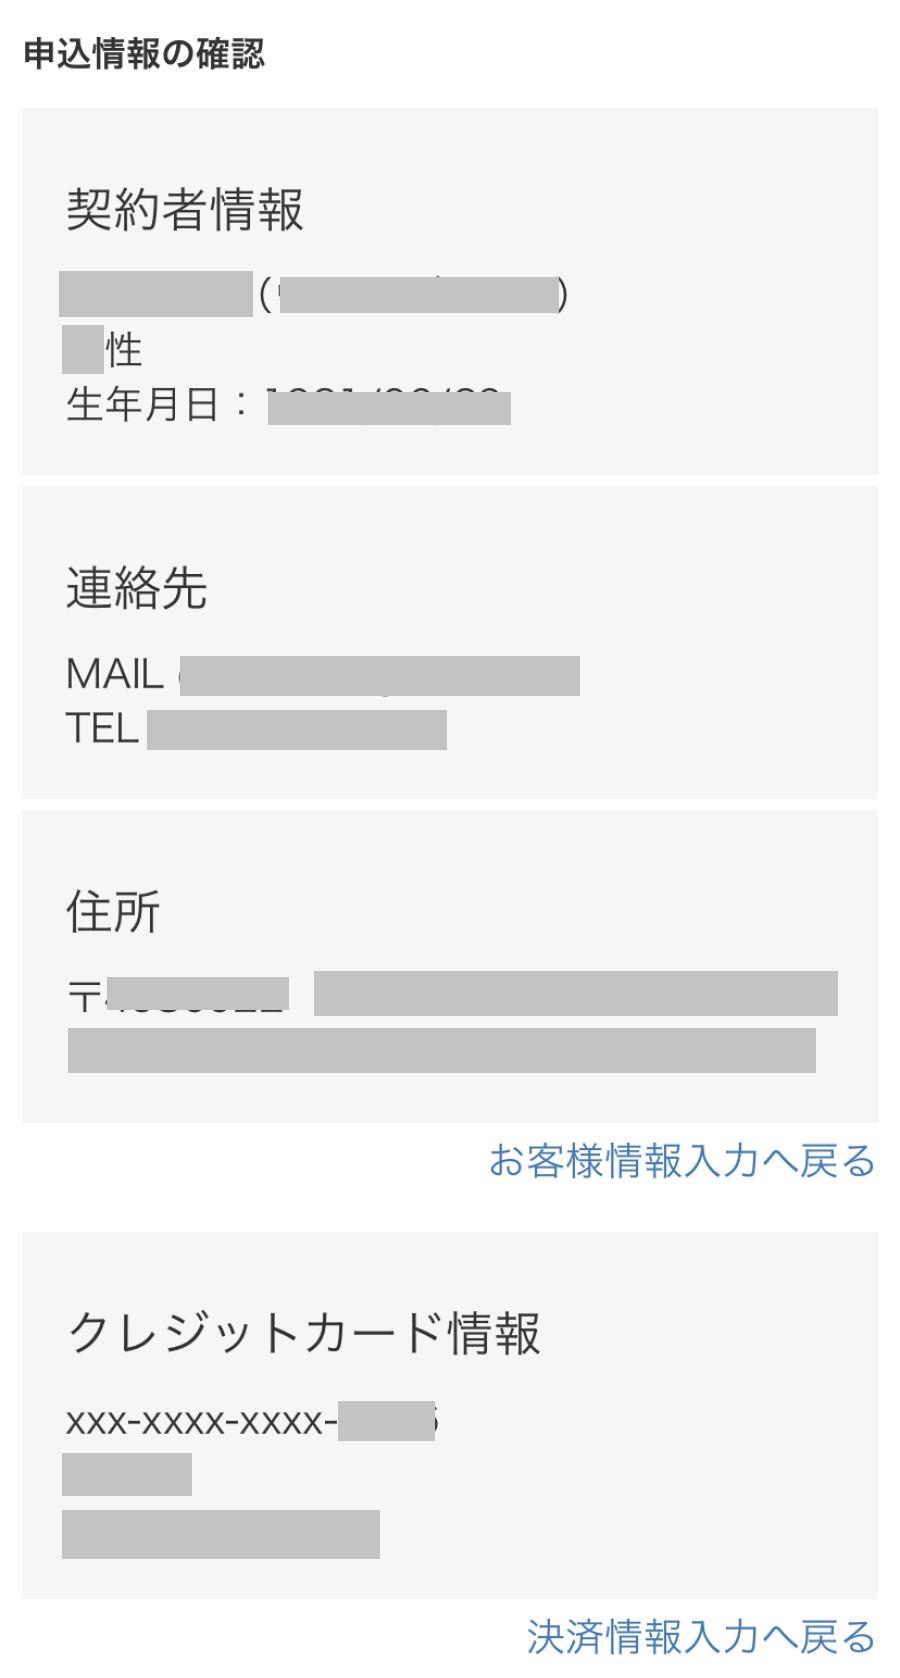 限界突破WiFiの申し込み手順・流れ11-2